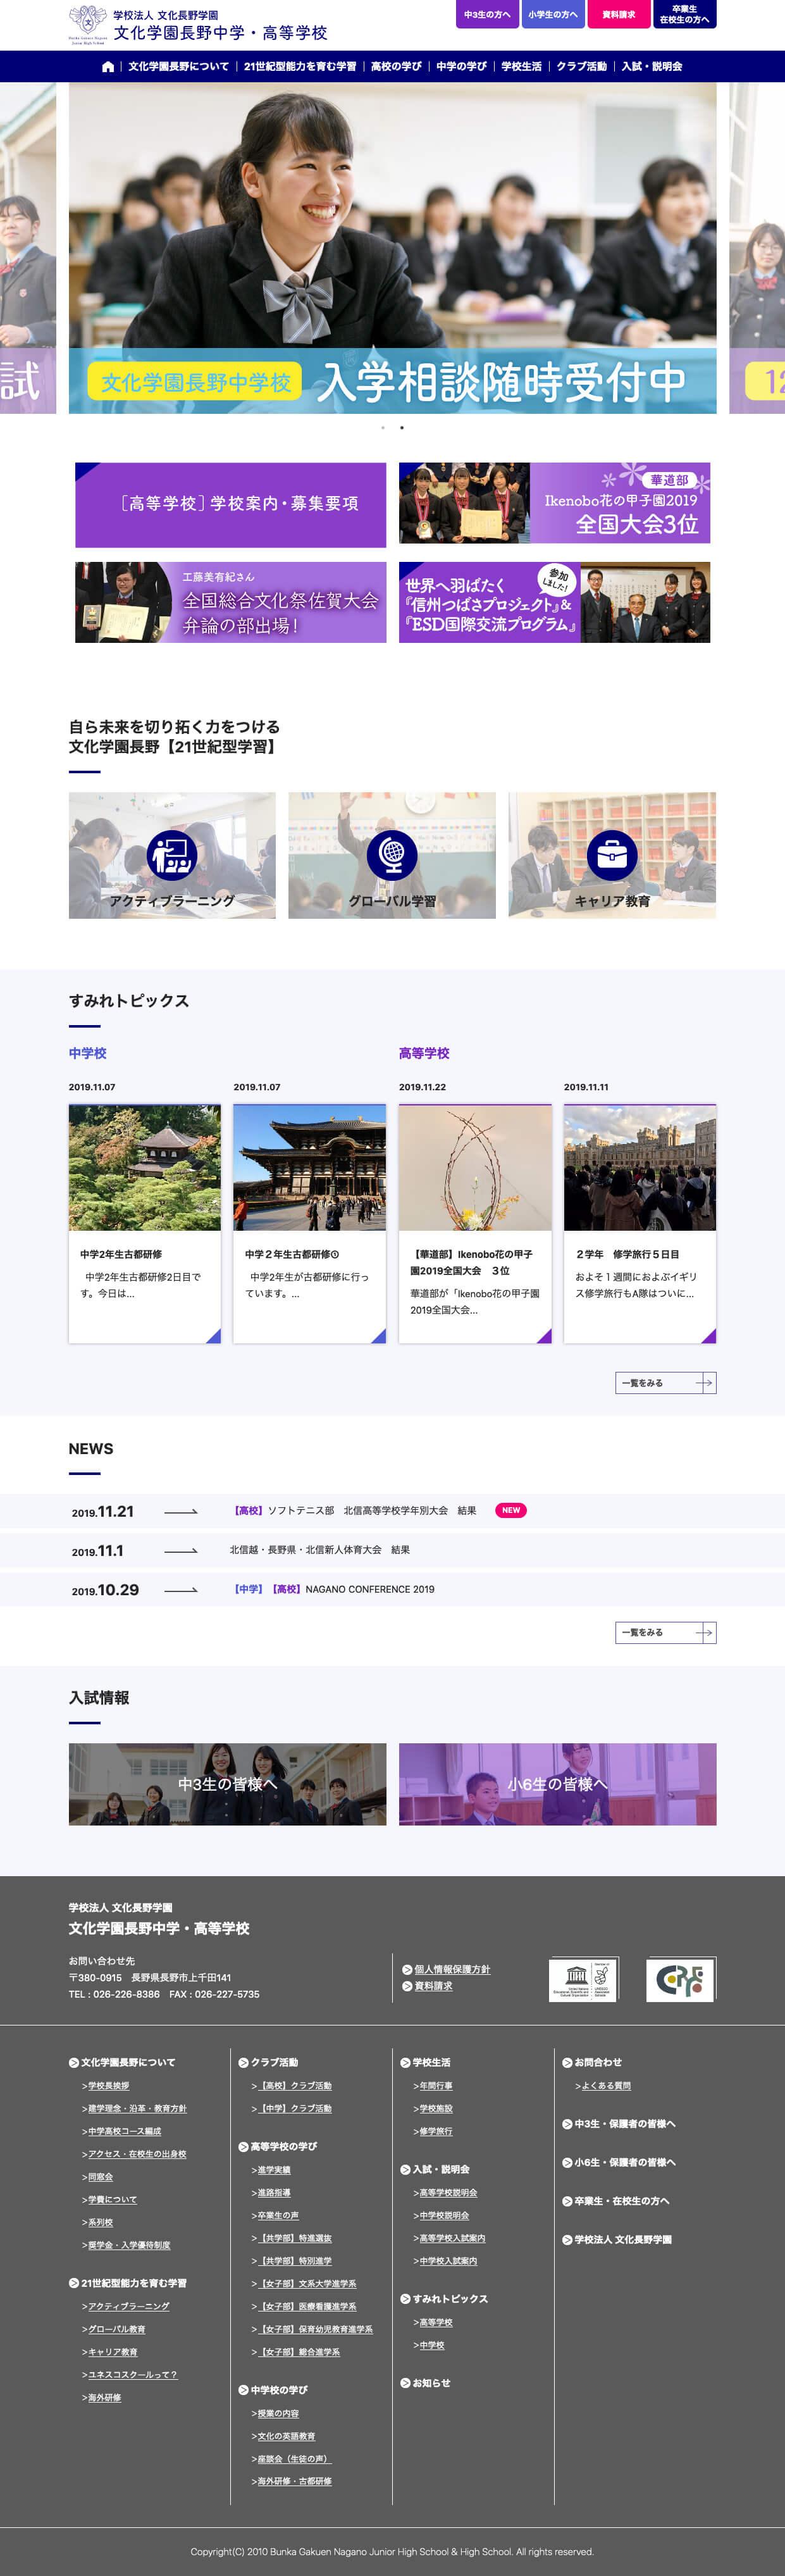 文化学園長野中学・高等学校 様pcイメージ